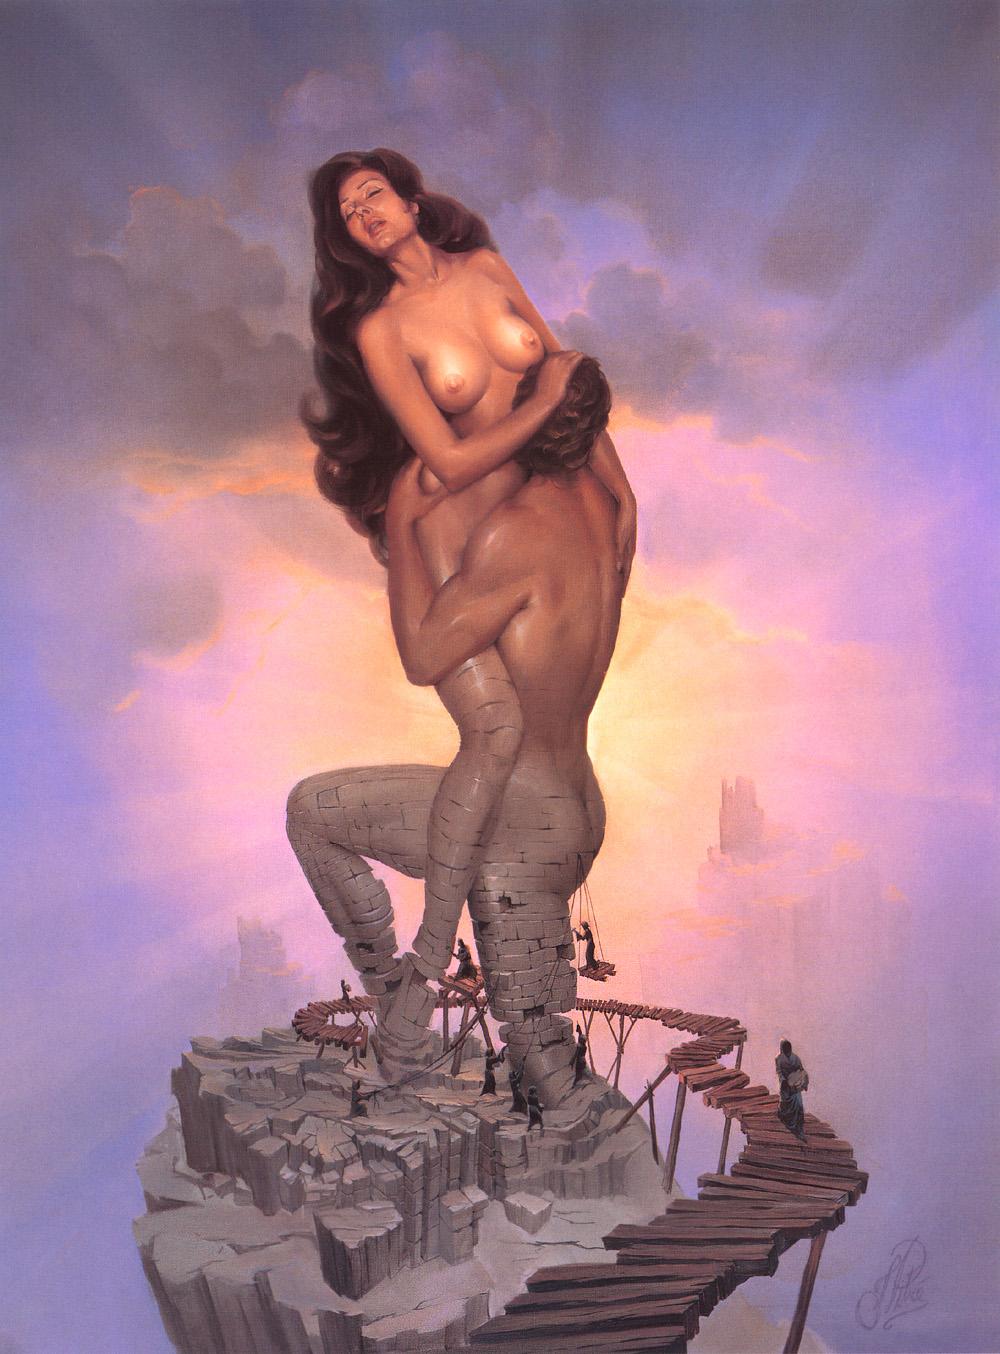 luchshie-kartini-v-zhanre-fentezi-i-erotika